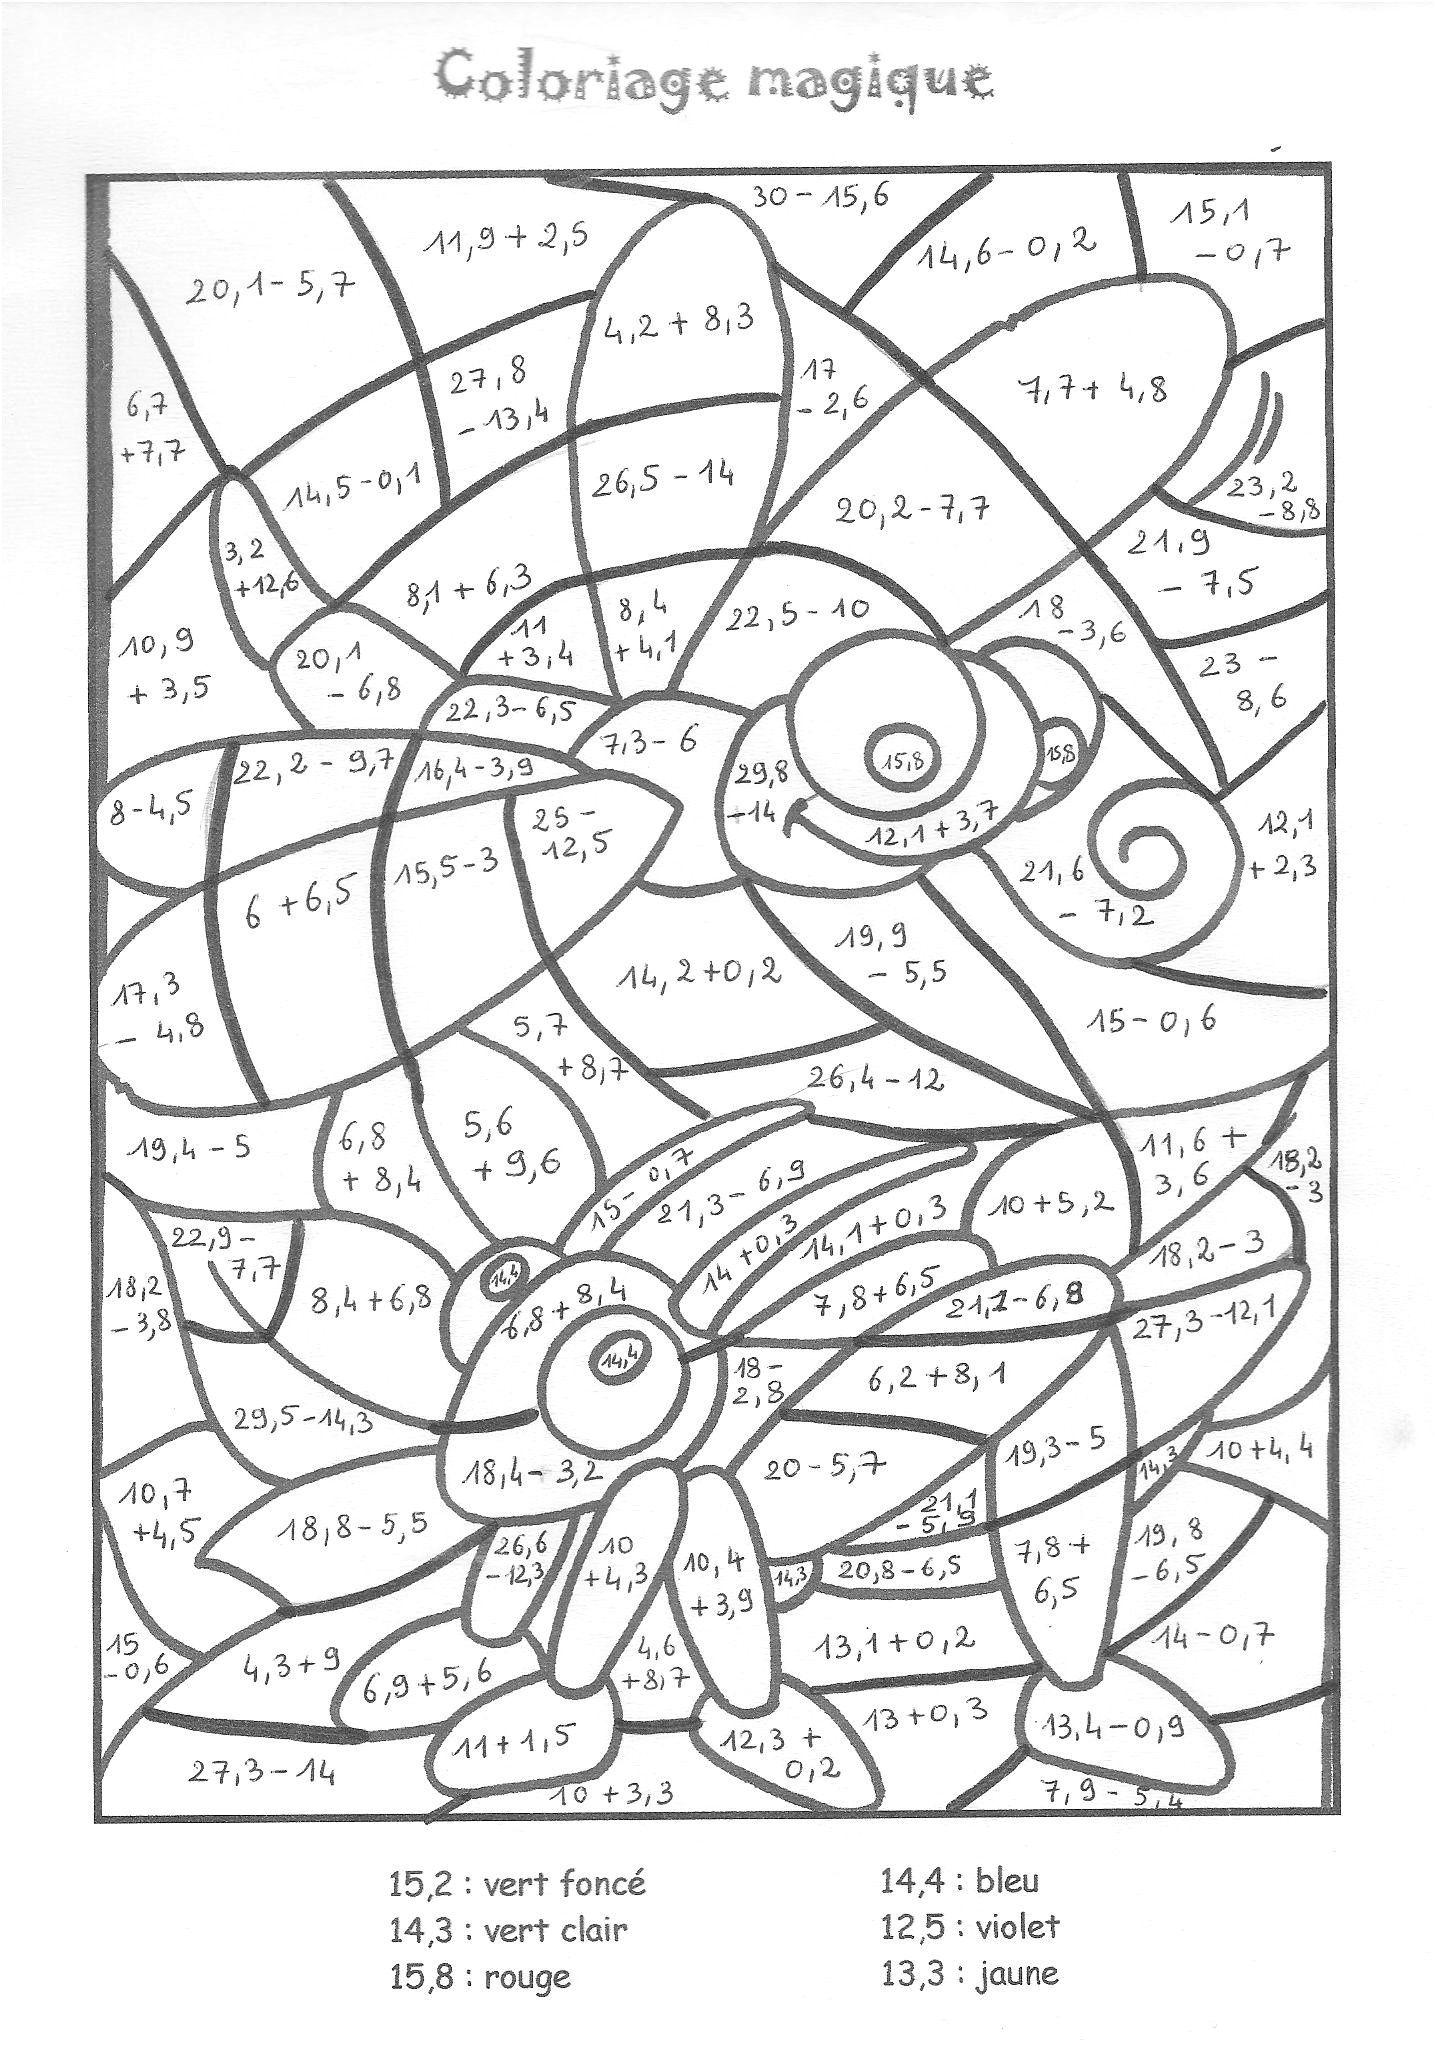 15 Pratique Coloriage Magique En Ligne Stock Coloriage Magique Multiplication Coloriage Magique Coloriage Magique Ce1